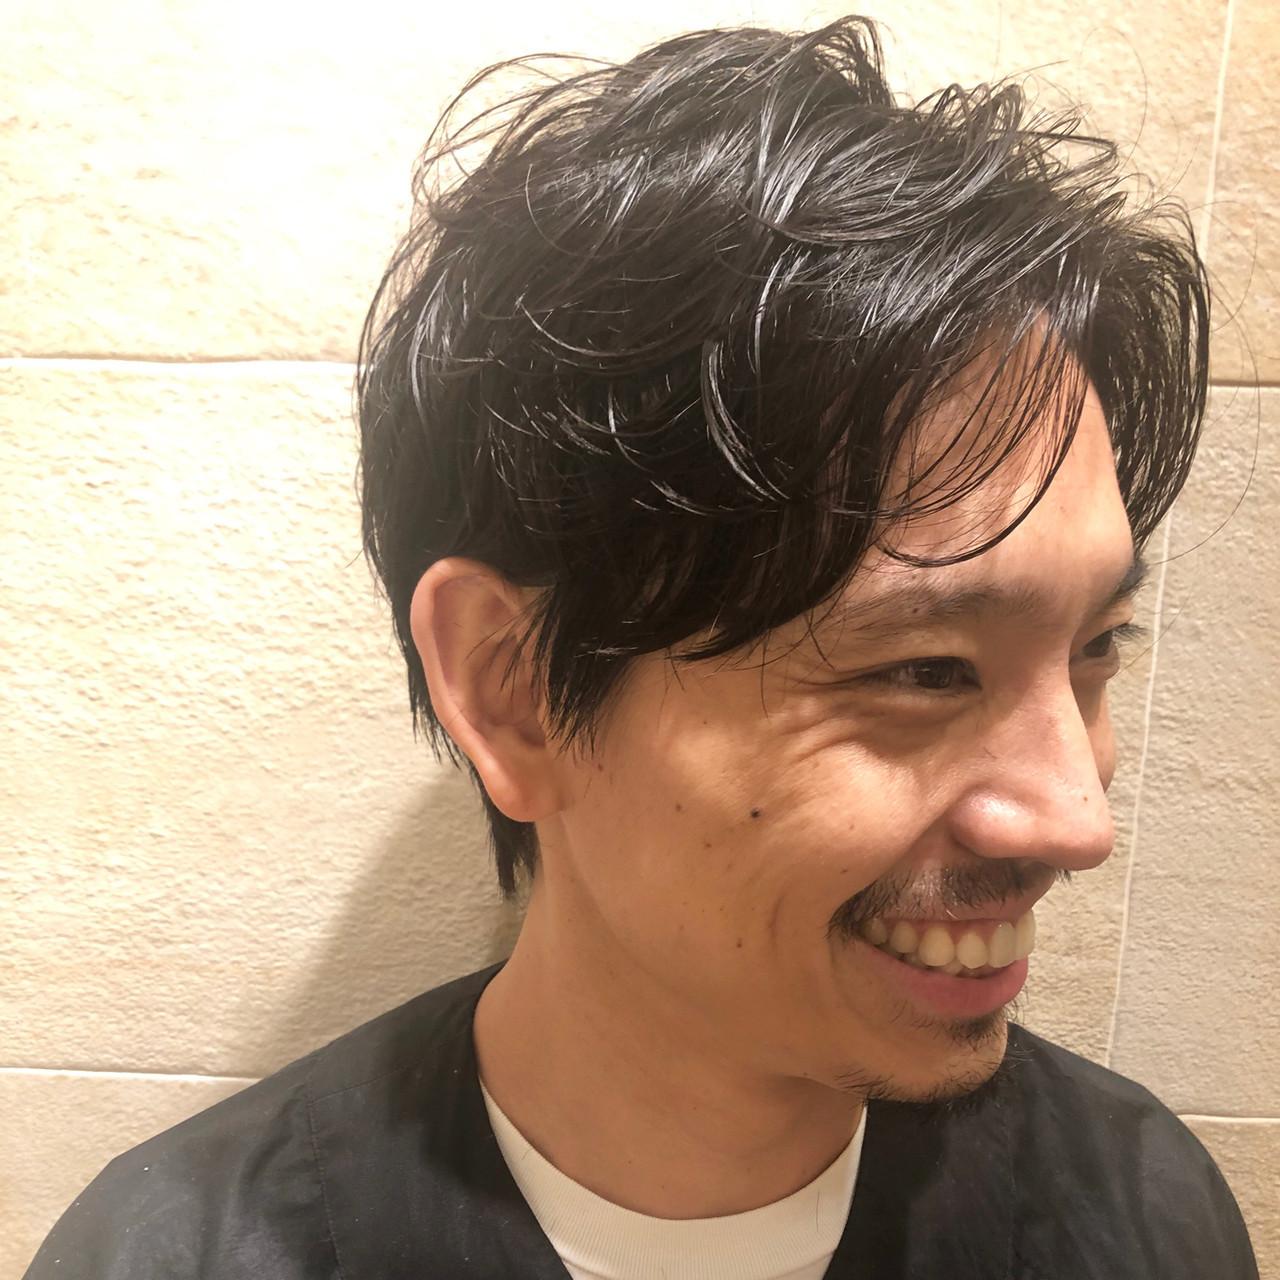 メンズショート メンズパーマ メンズヘア ナチュラル ヘアスタイルや髪型の写真・画像